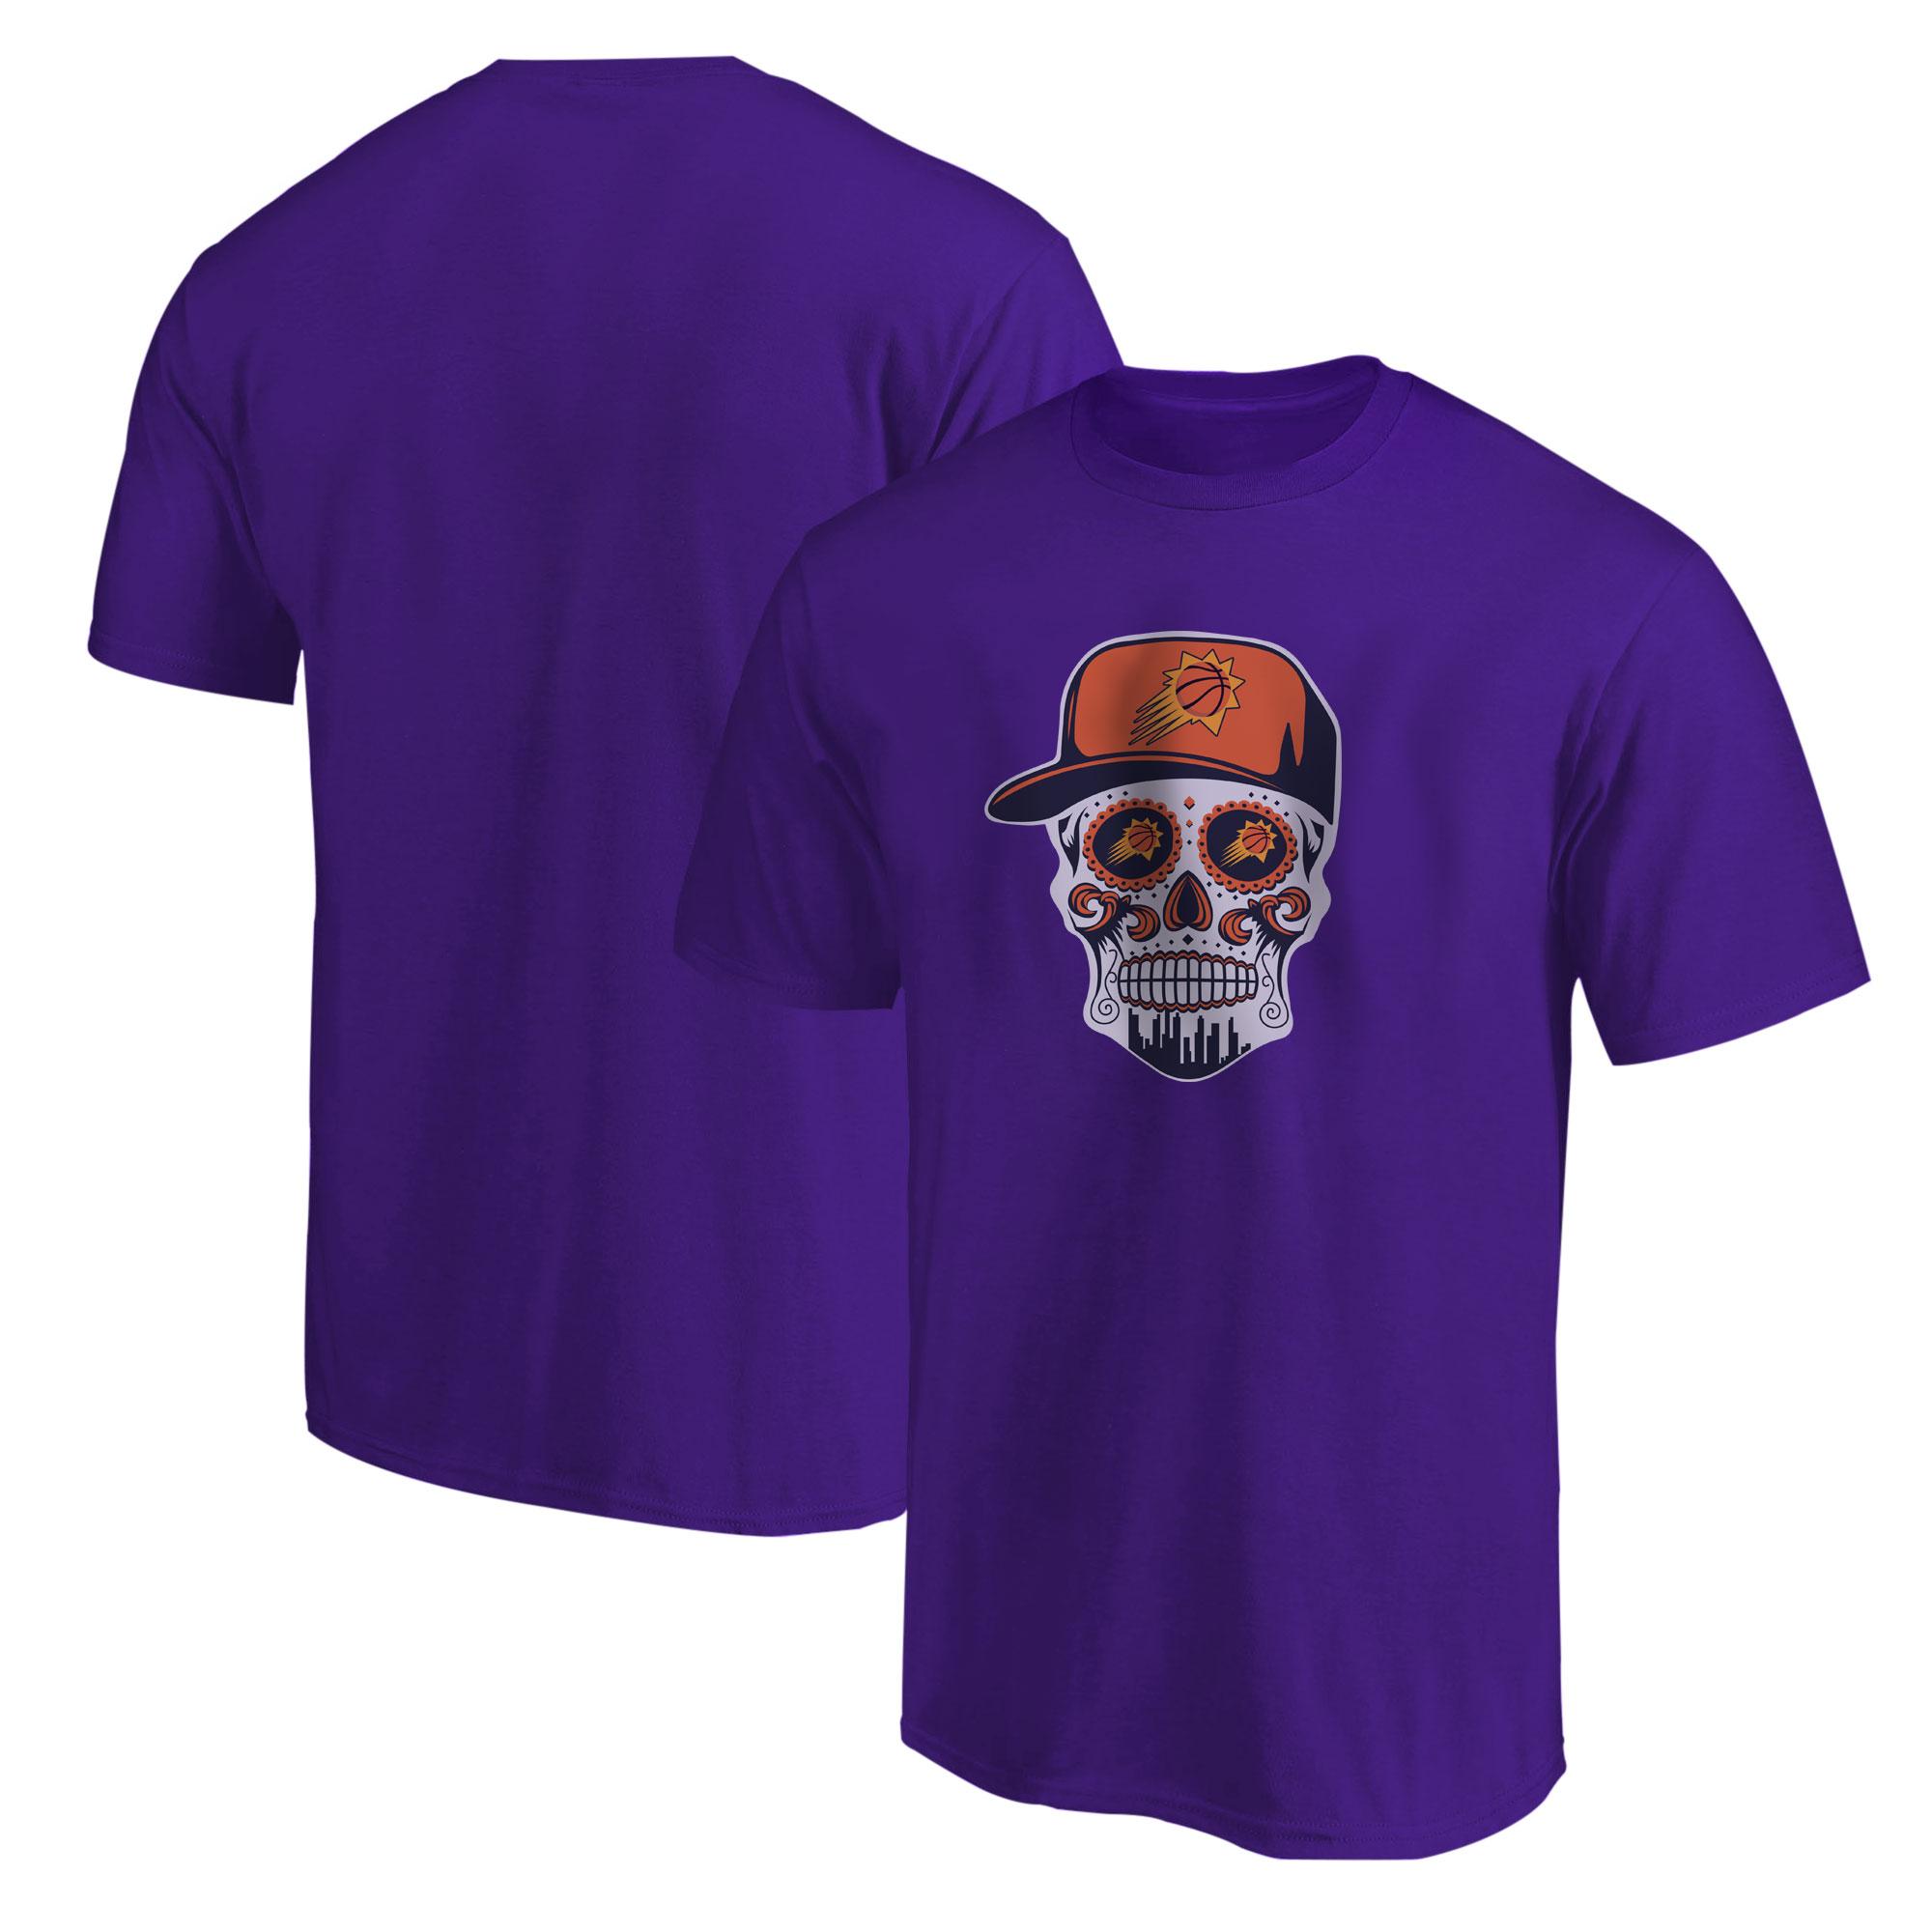 Phoenix Skull Tshirt (TSH-PRP-NP-461-NBA-PHO-SKULL)